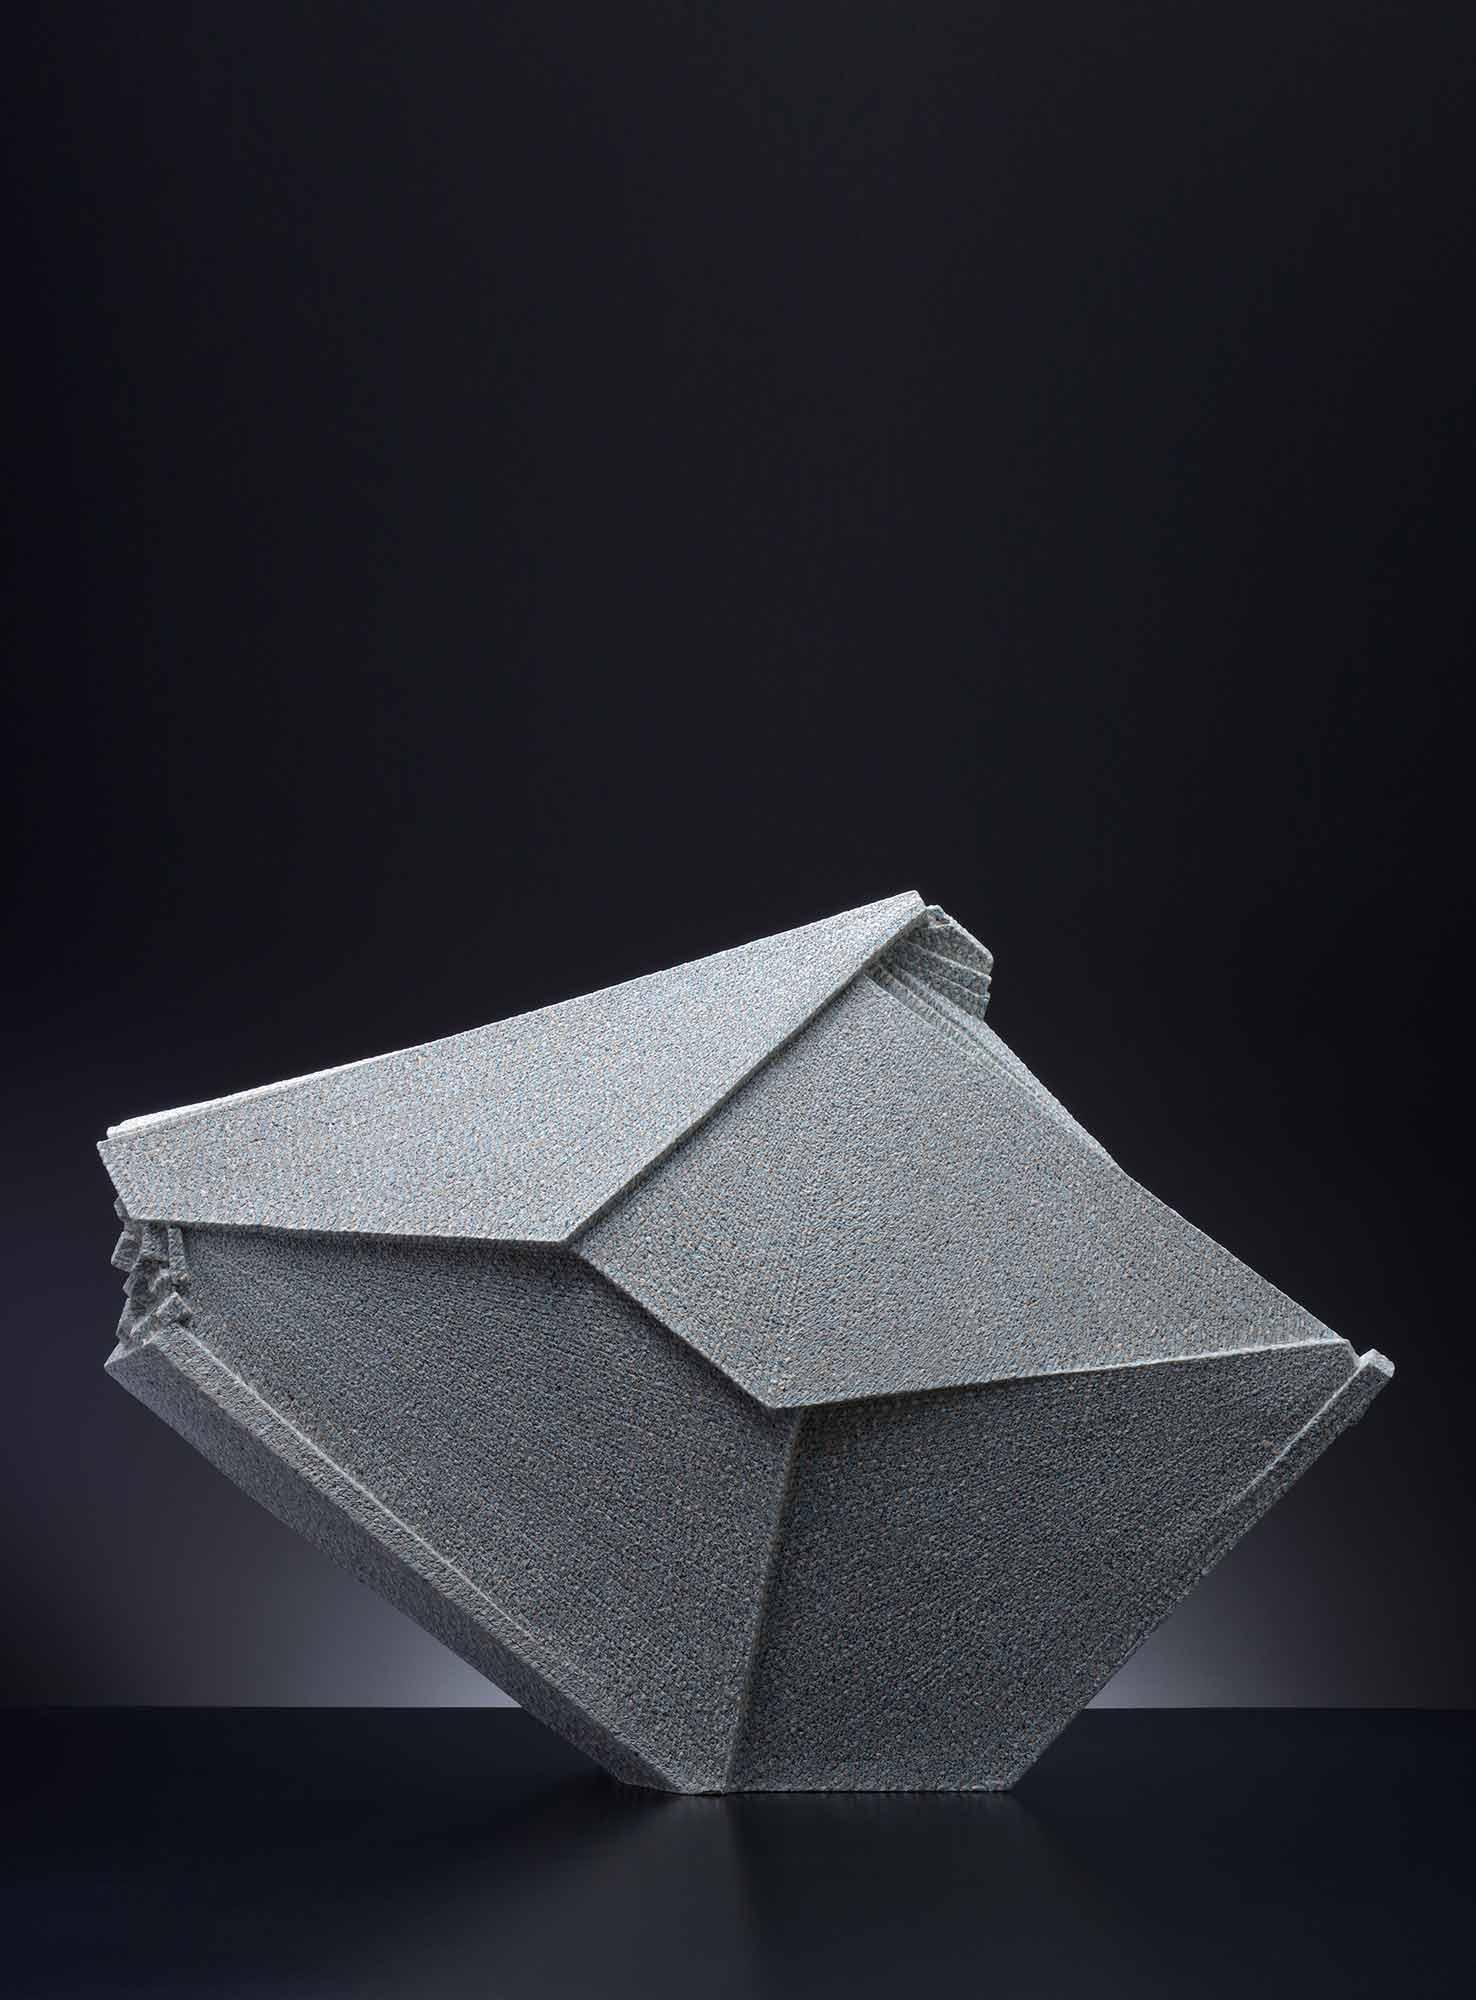 Shinsho Wo Tsumu (Forms Within)(2017)